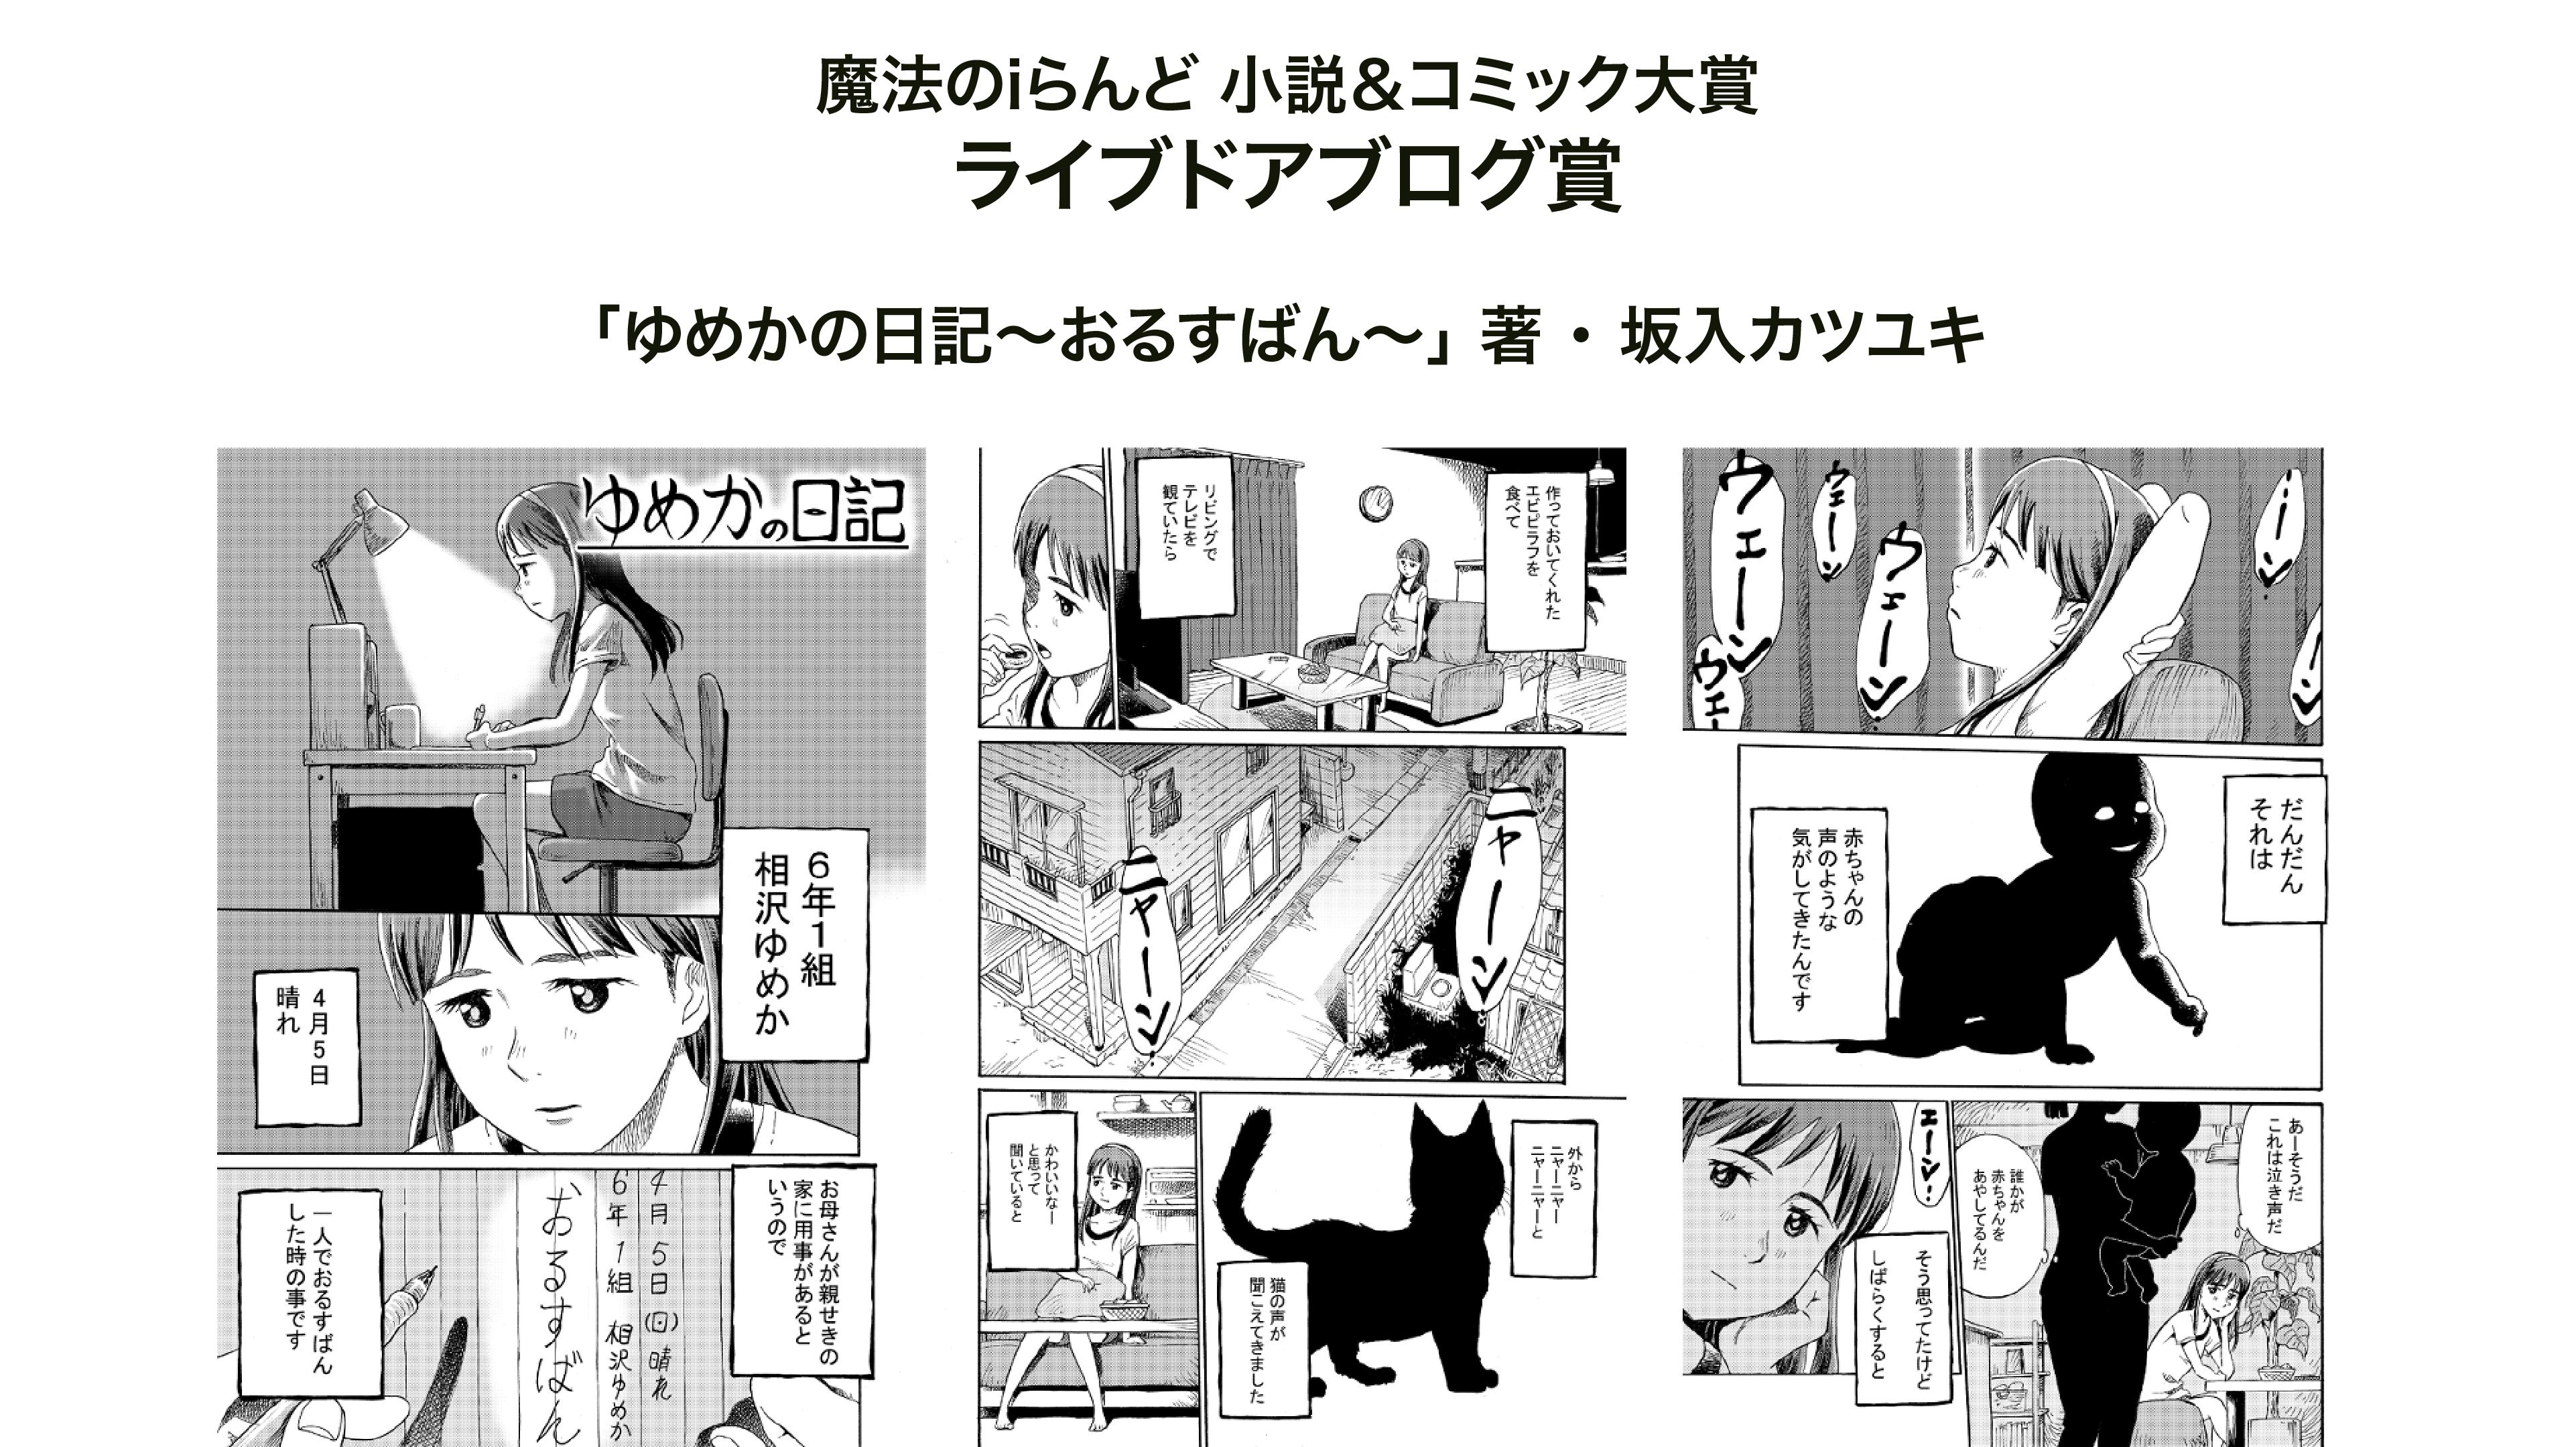 /stf/linecorp/ja/pr/yumeka_image.png